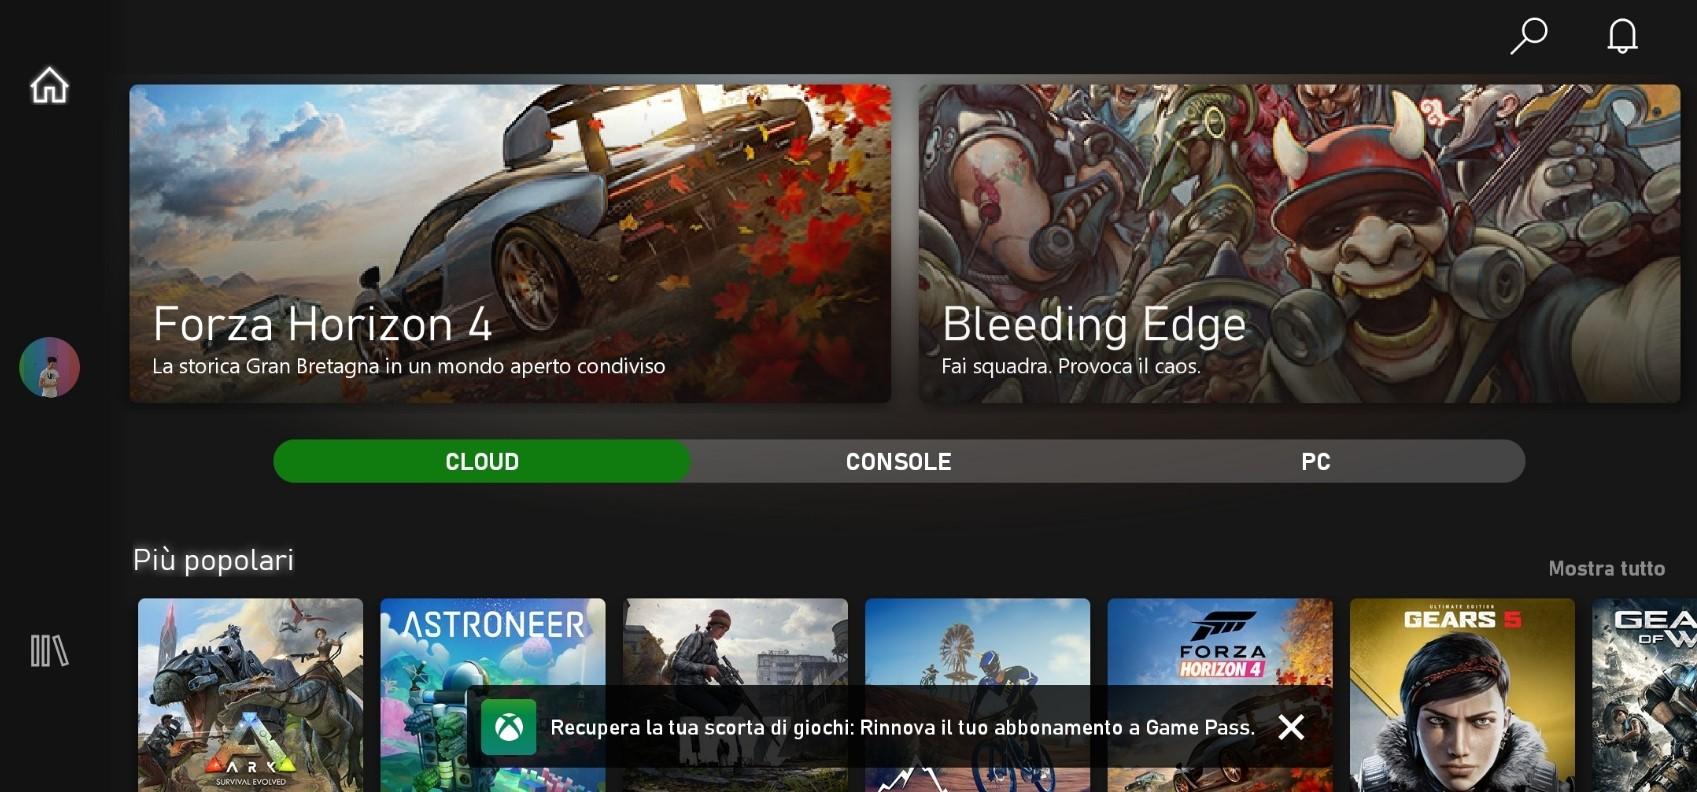 Xbox Game Pass (Beta) per Android con sezione Cloud